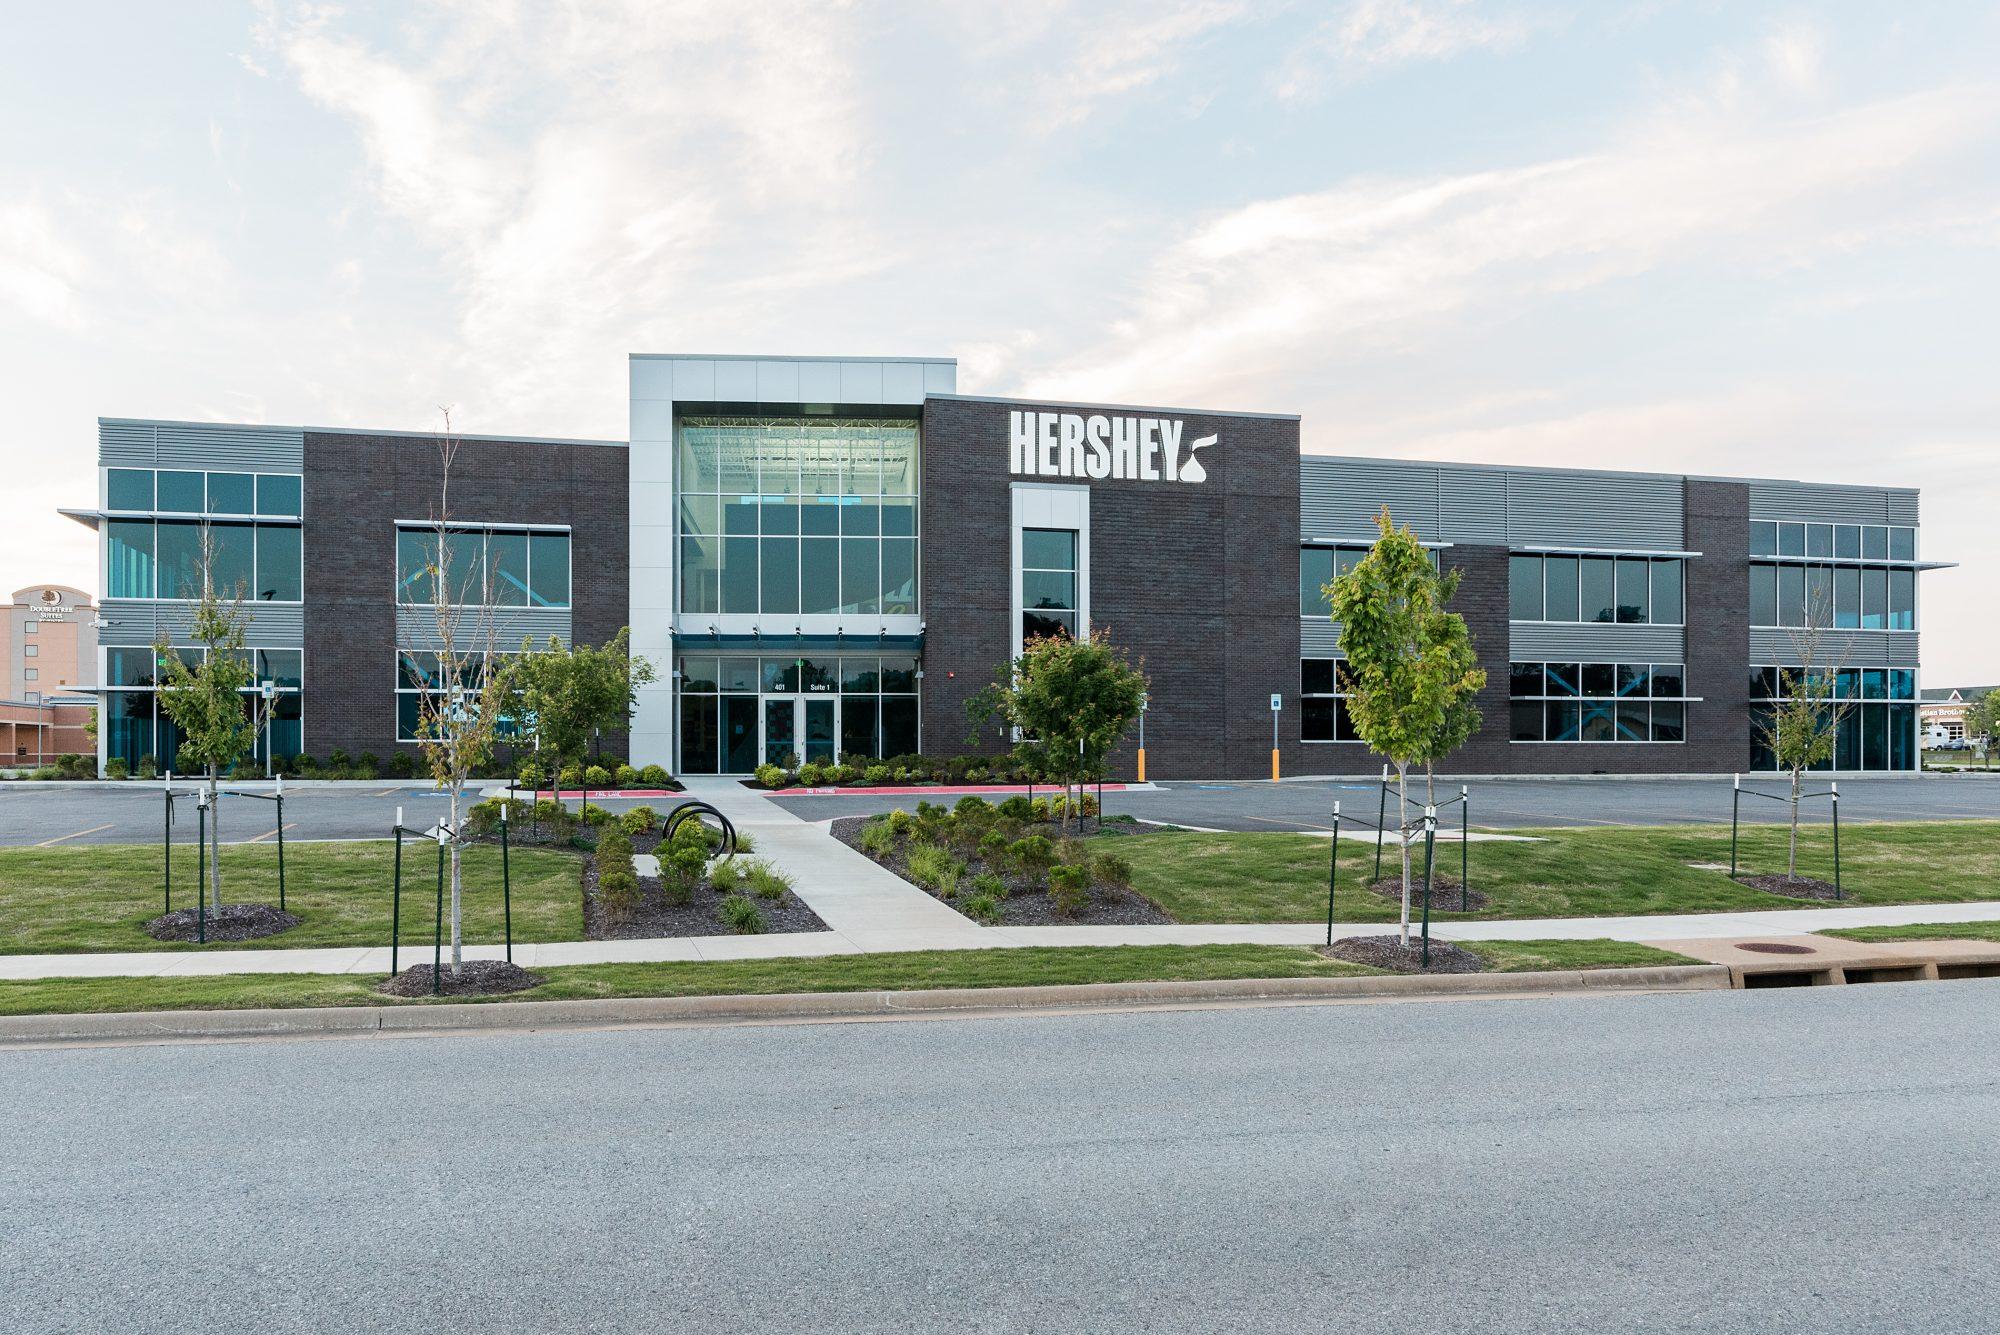 The Hershey Company at Fountain Plaza